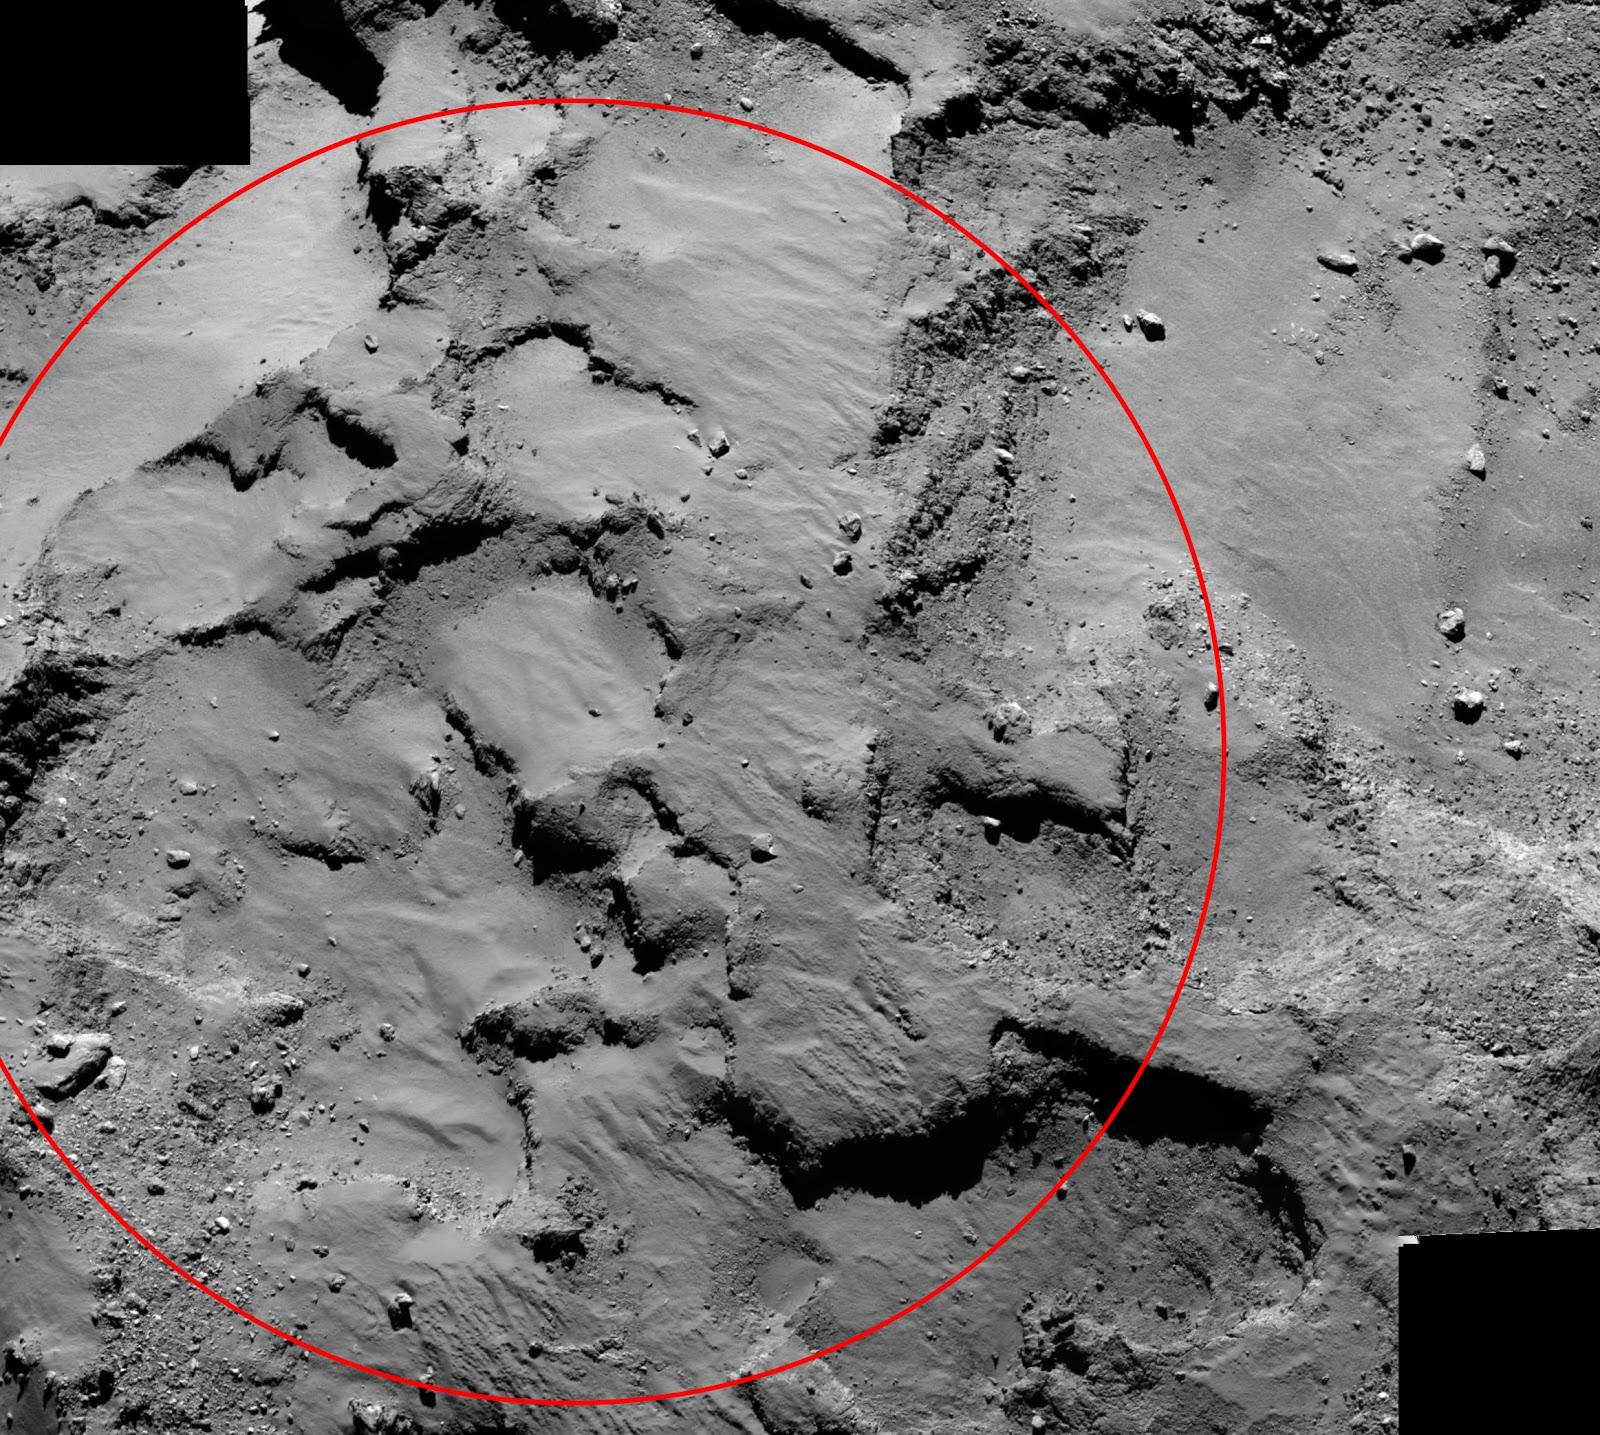 Космический аппарат Розетта готовится к отправке зонда на поверхность кометы